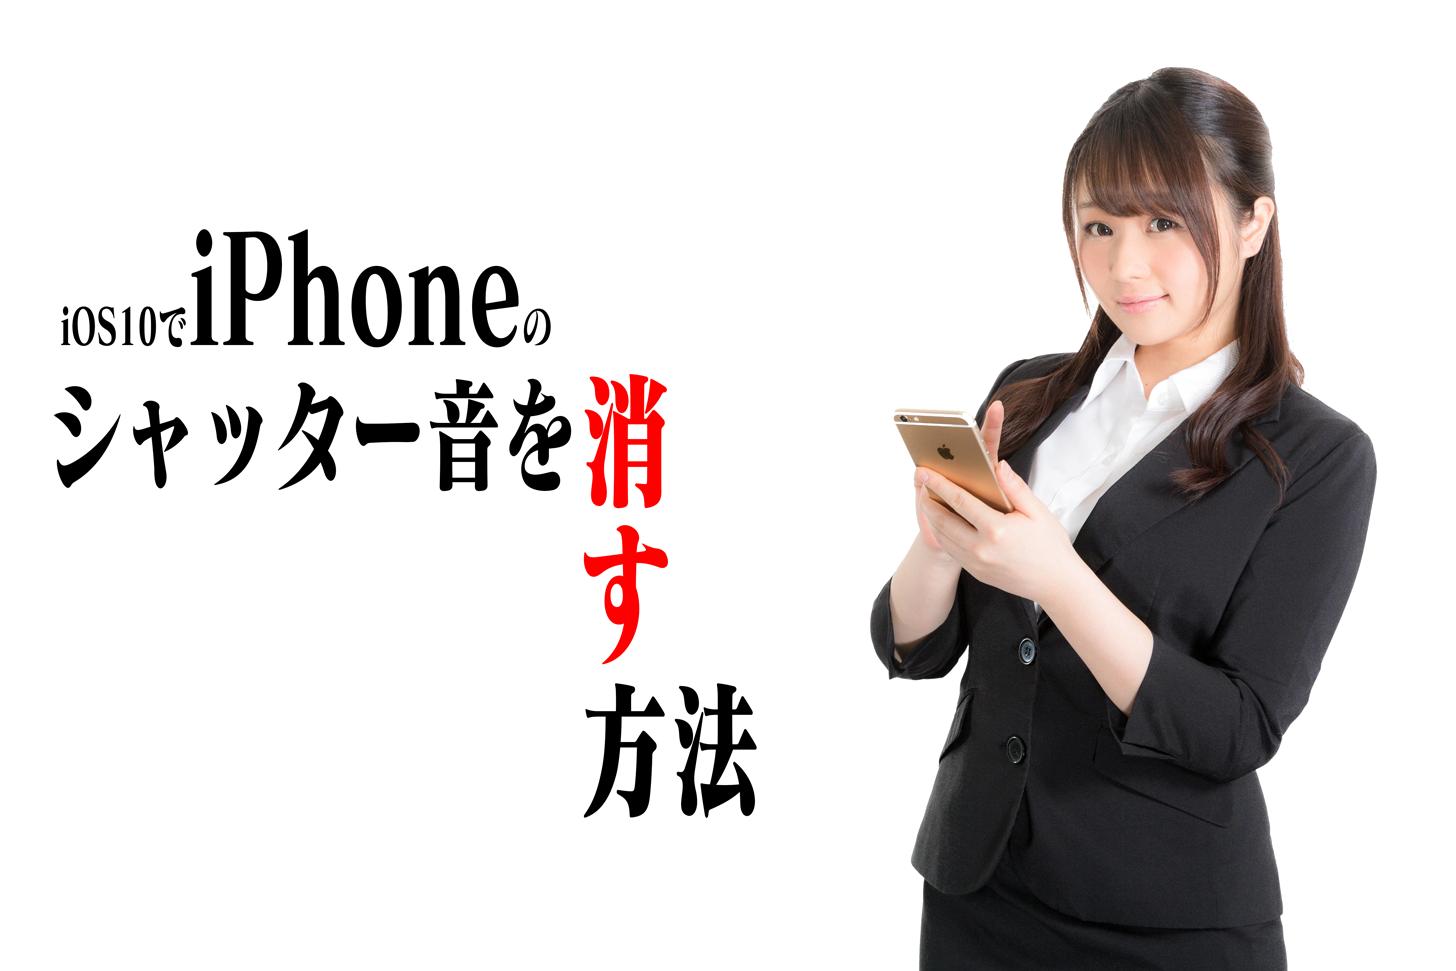 【iOS10】iPhoneのシャッター音を消す方法。